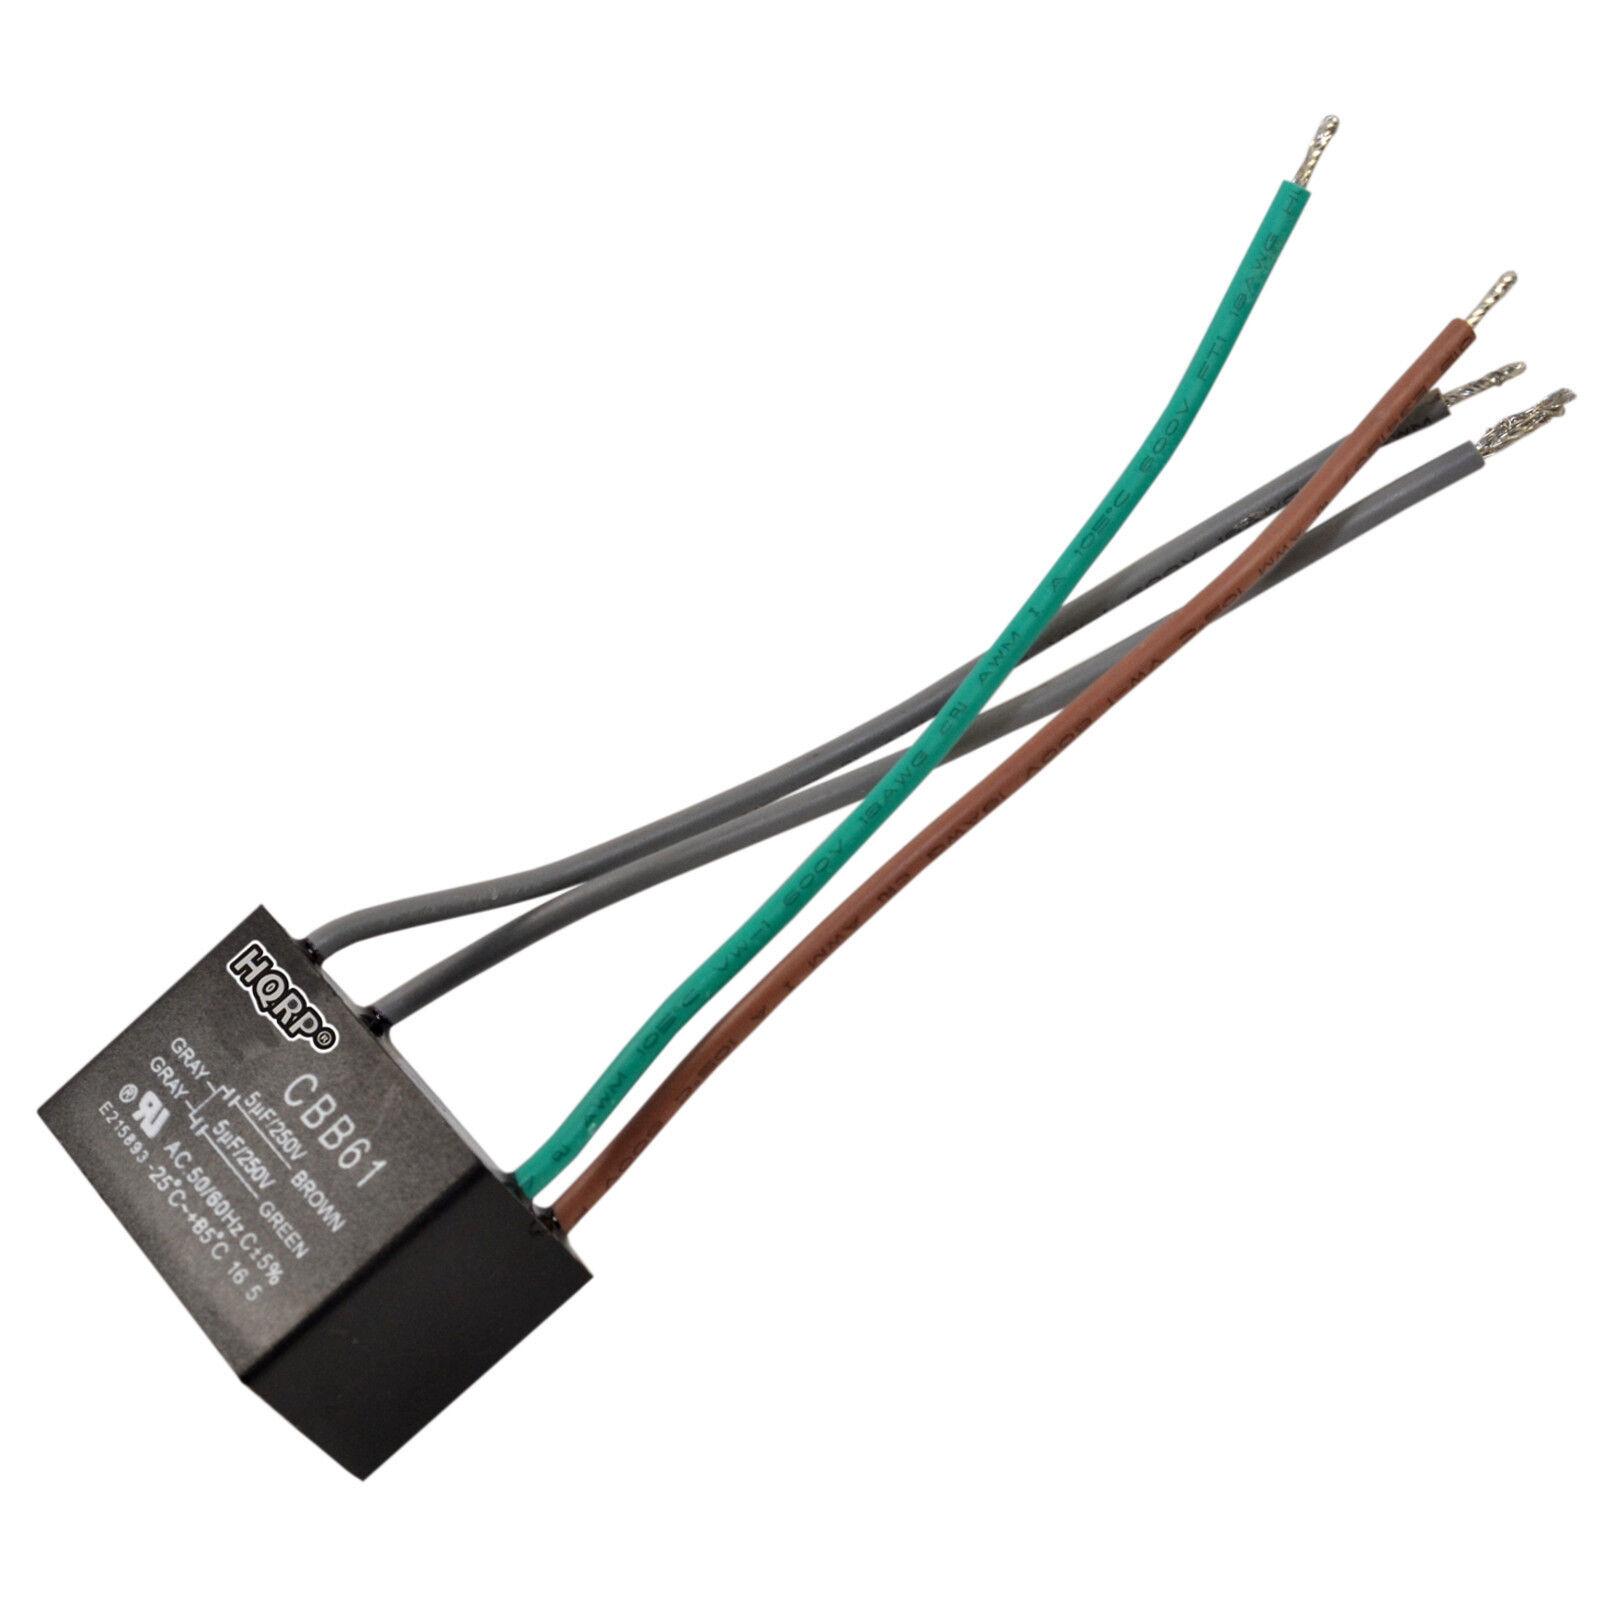 4 Wire Fan Capacitor Cbb61 Wiring Diagram - Roslonek.net